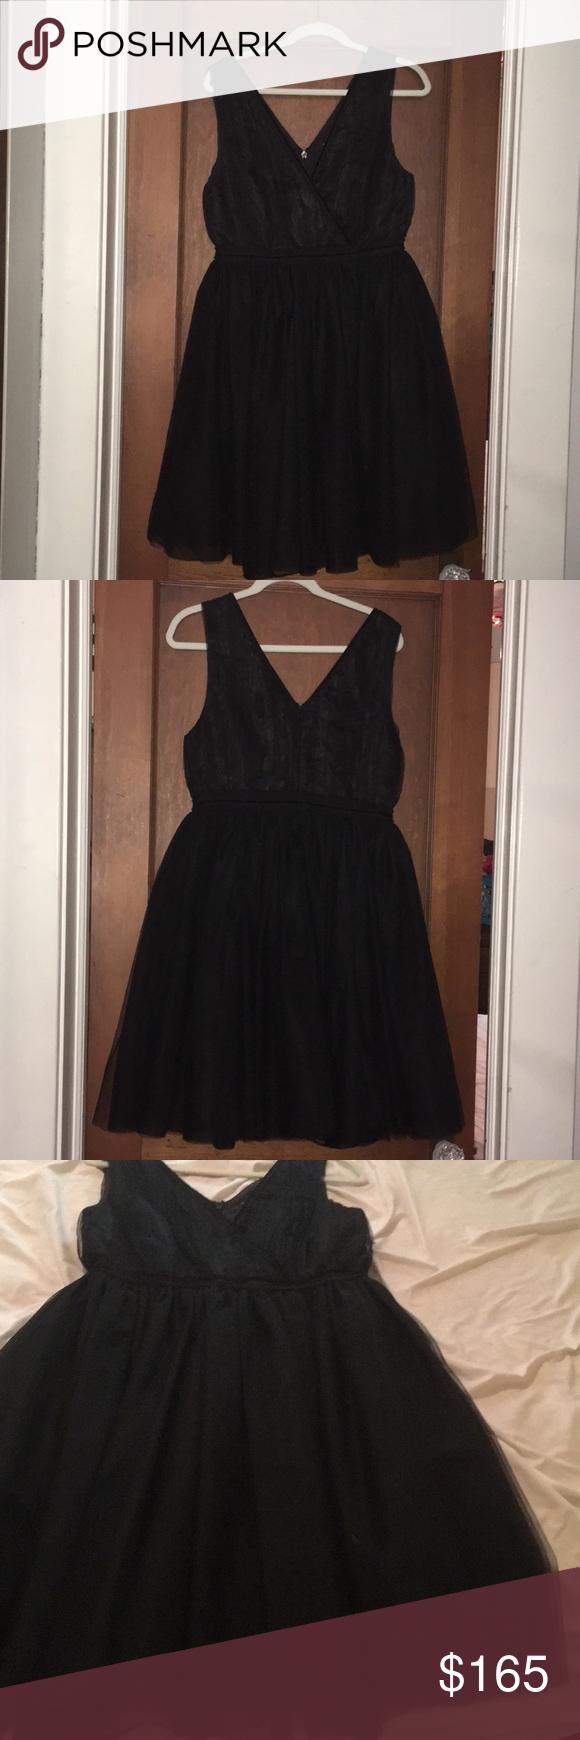 Cute black tulle dress by scotch u soda nwt